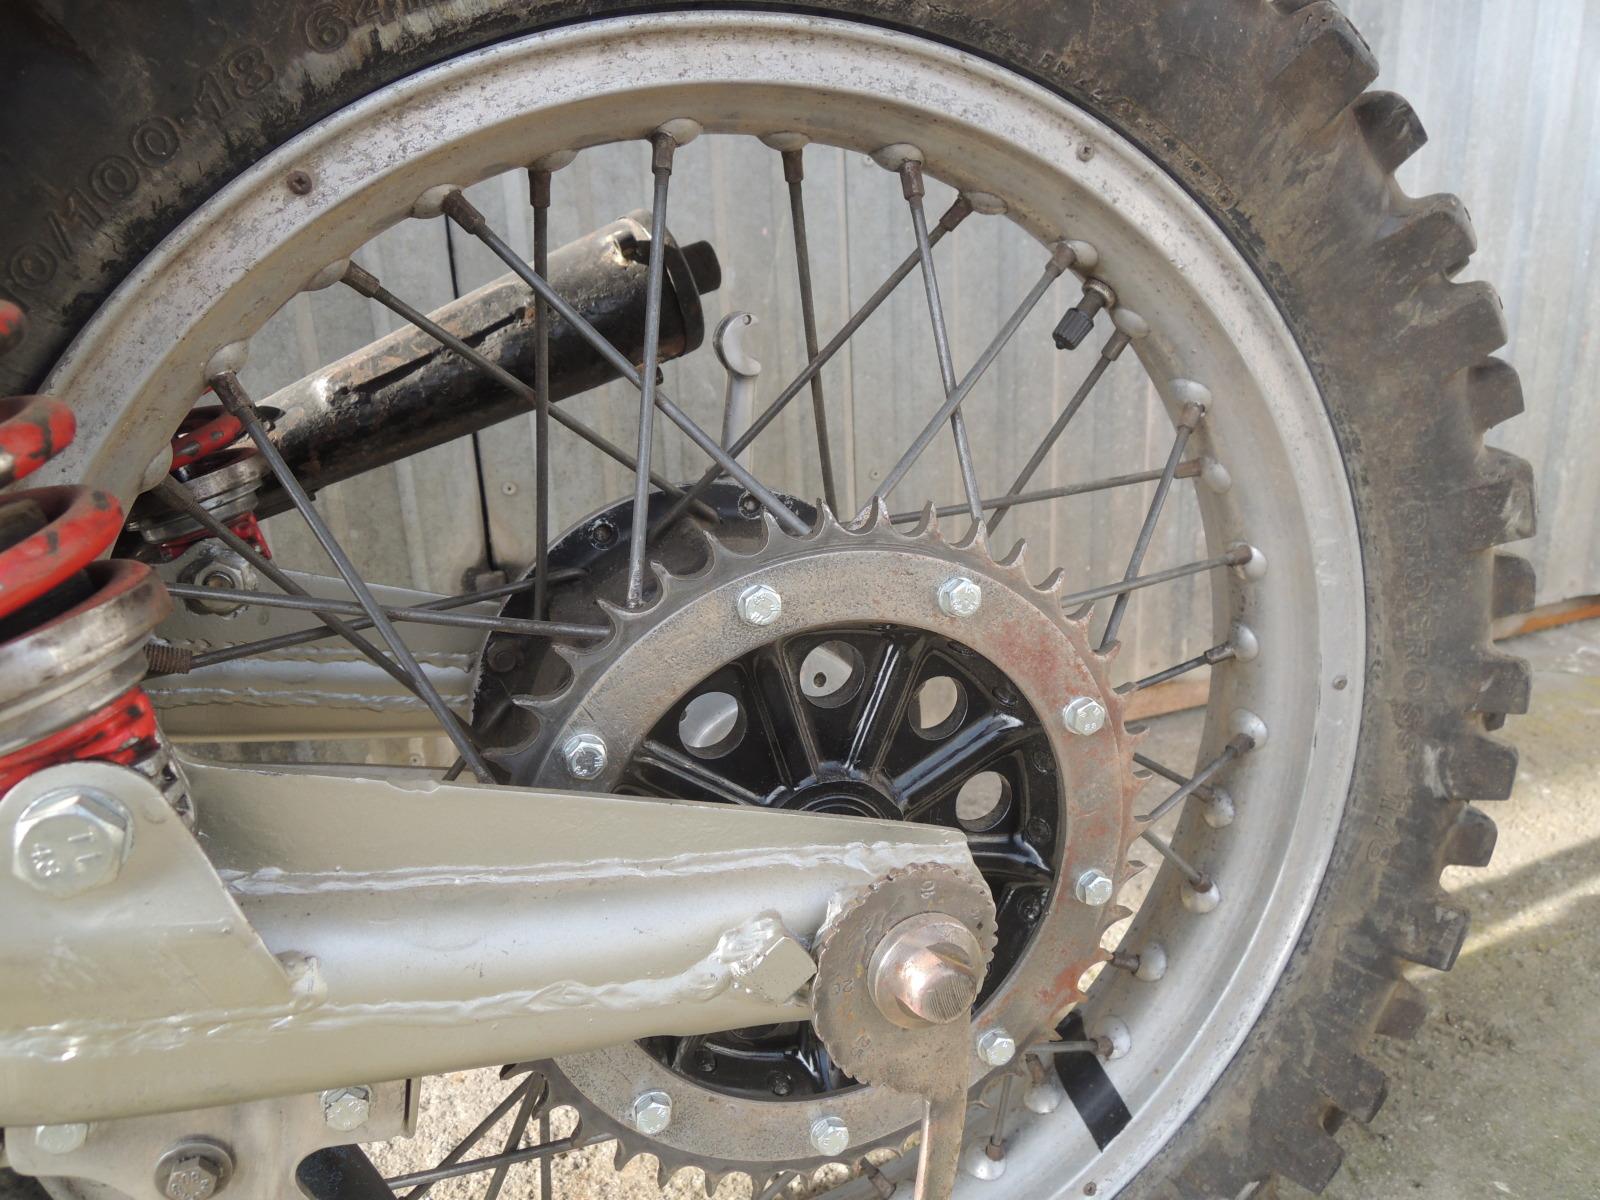 Bultaco Frontera Gold Medal 250 - By Jorok 2lktl5g